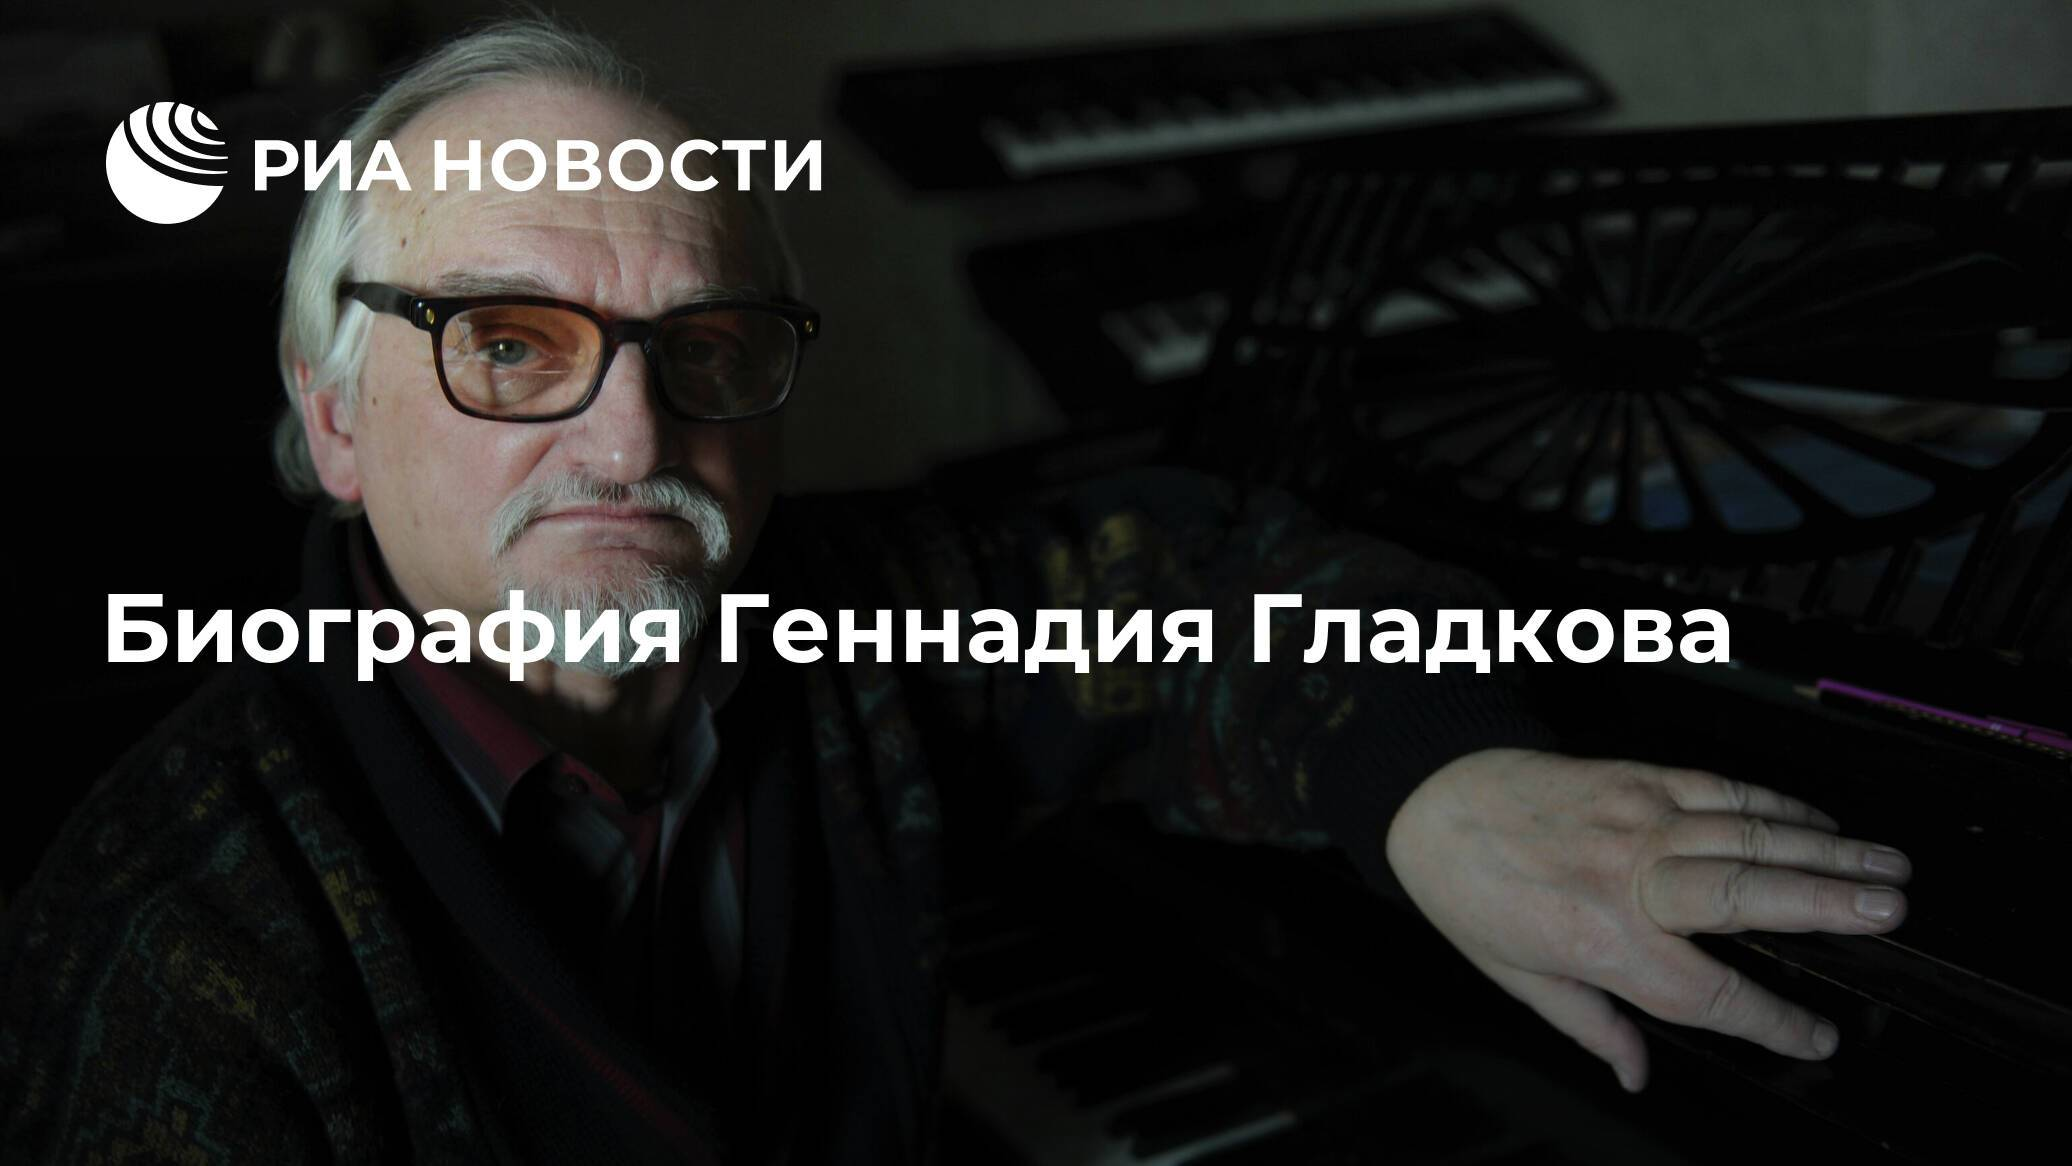 Гладков, геннадий игоревич - вики